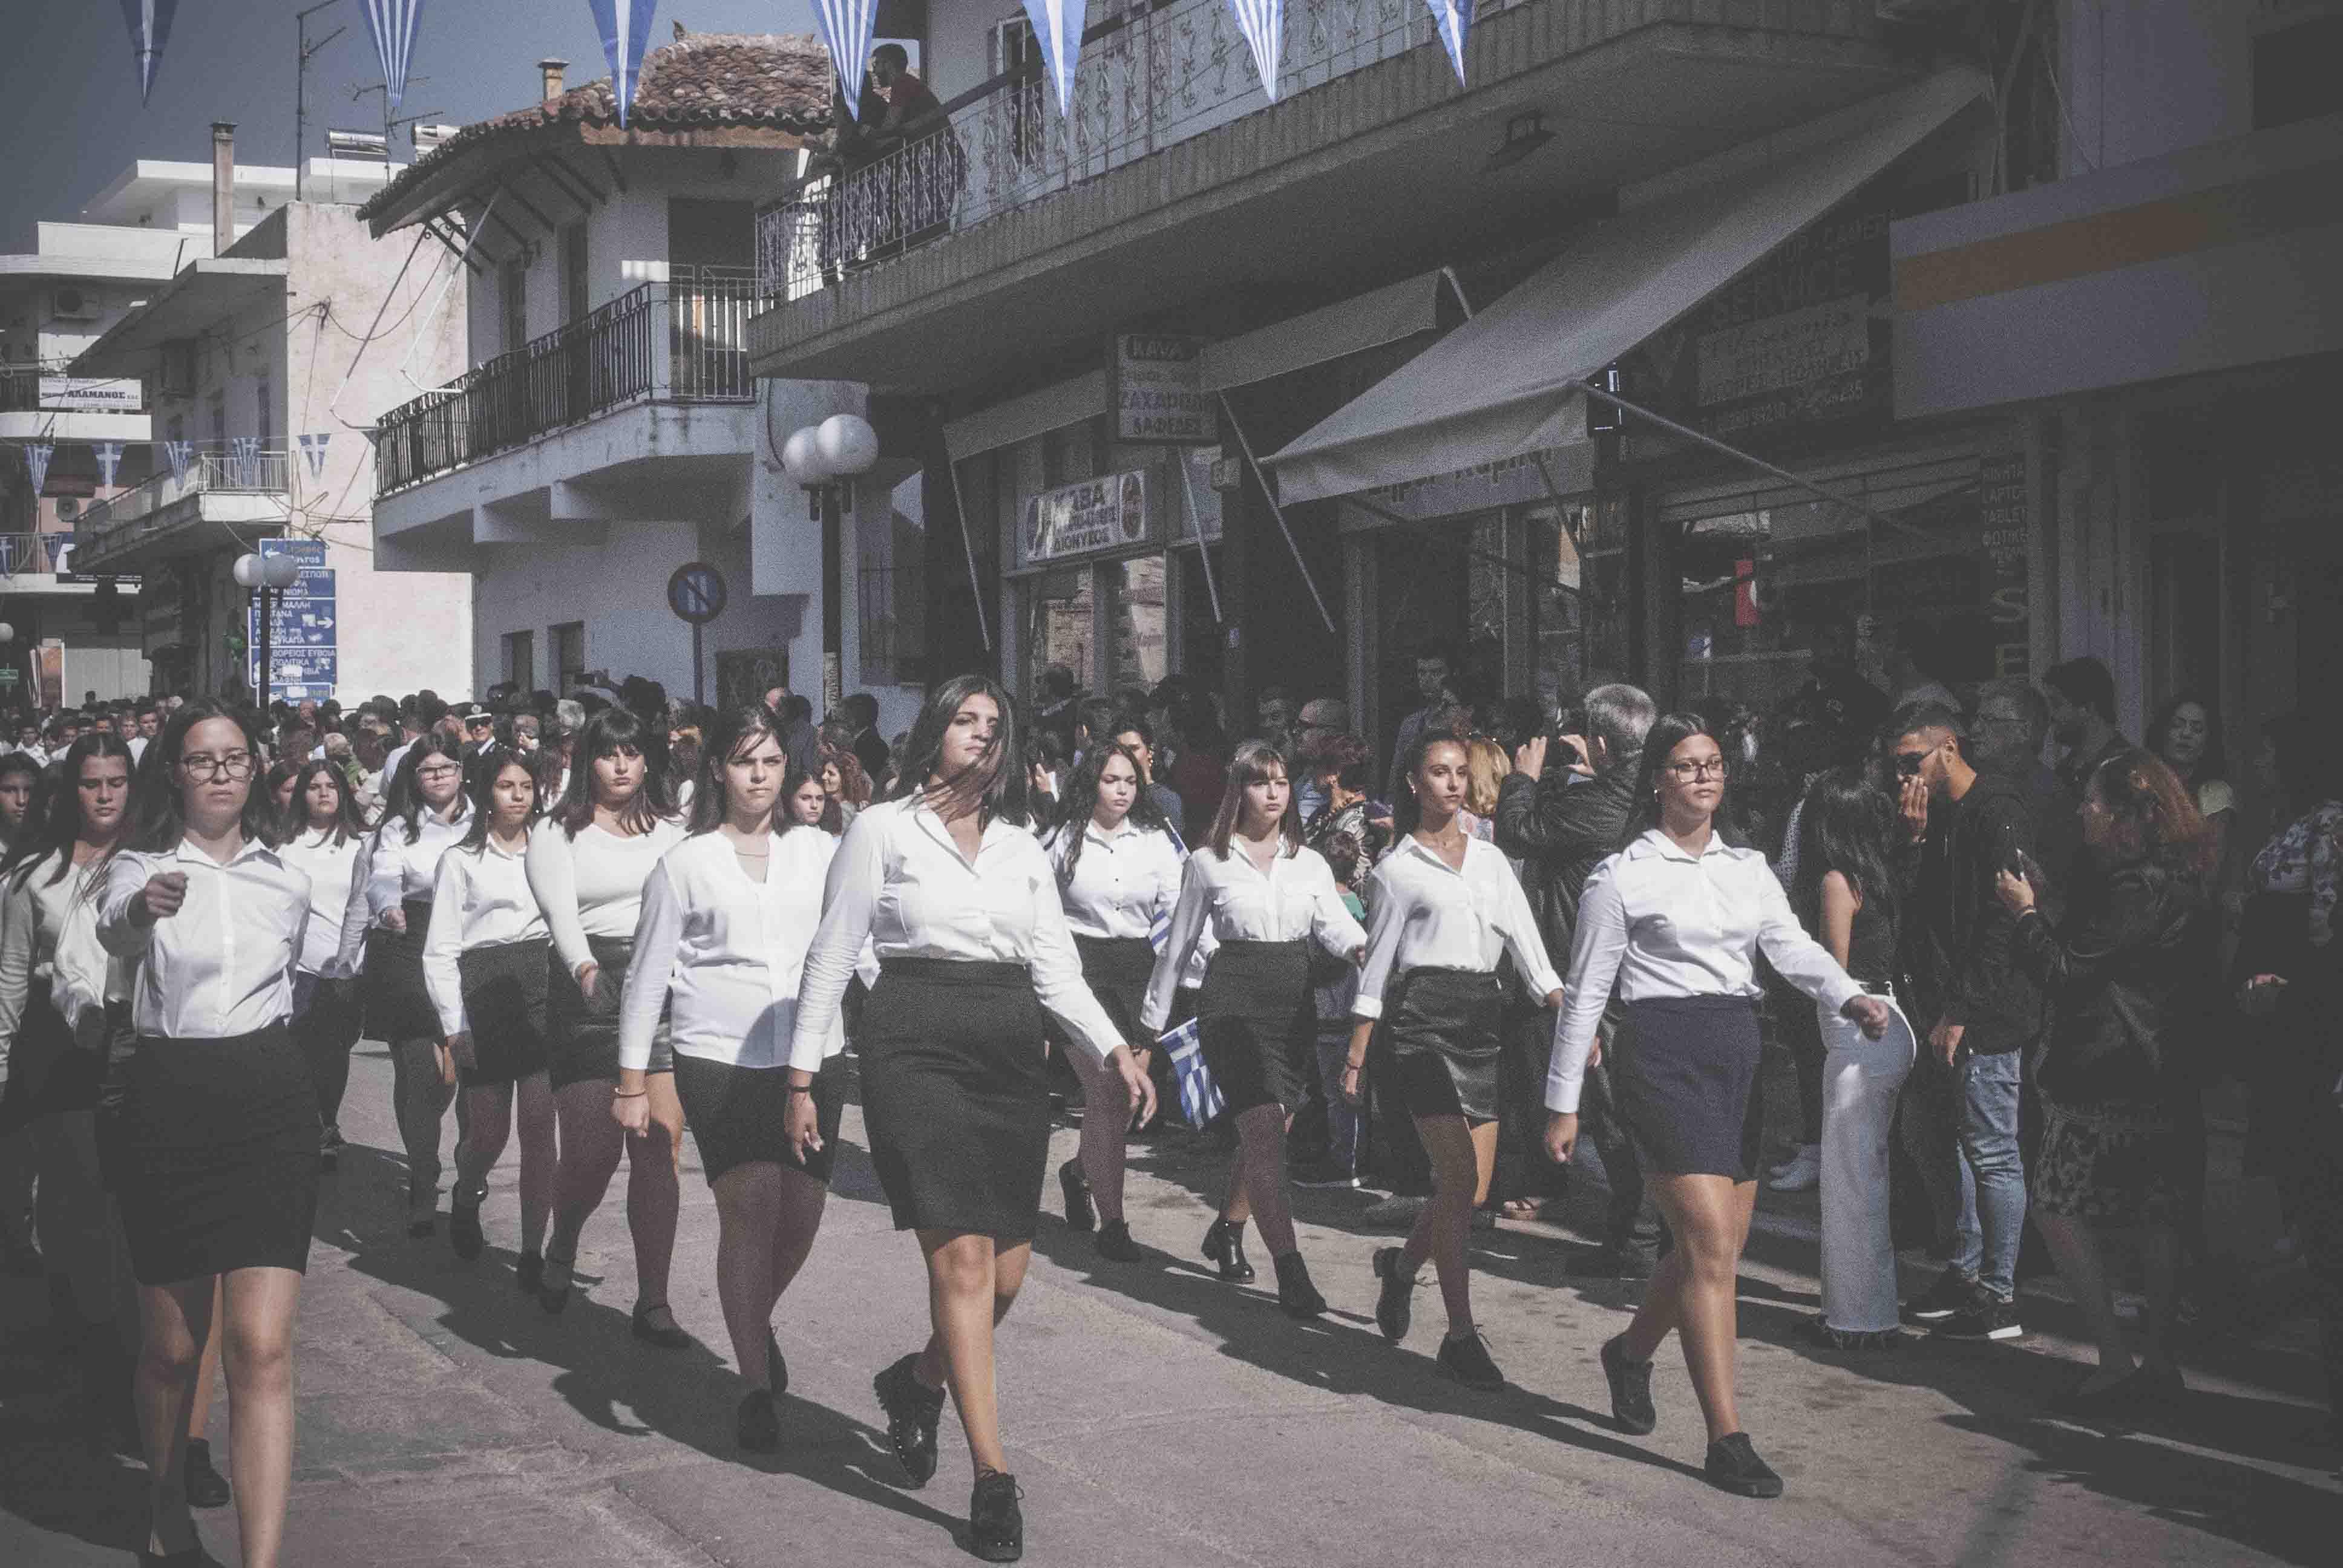 Φωτογραφικό υλικό από την παρέλαση στα Ψαχνά DSC 0421  Η παρέλαση της 28ης Οκτωβρίου σε Καστέλλα και Ψαχνά (φωτό) DSC 0421